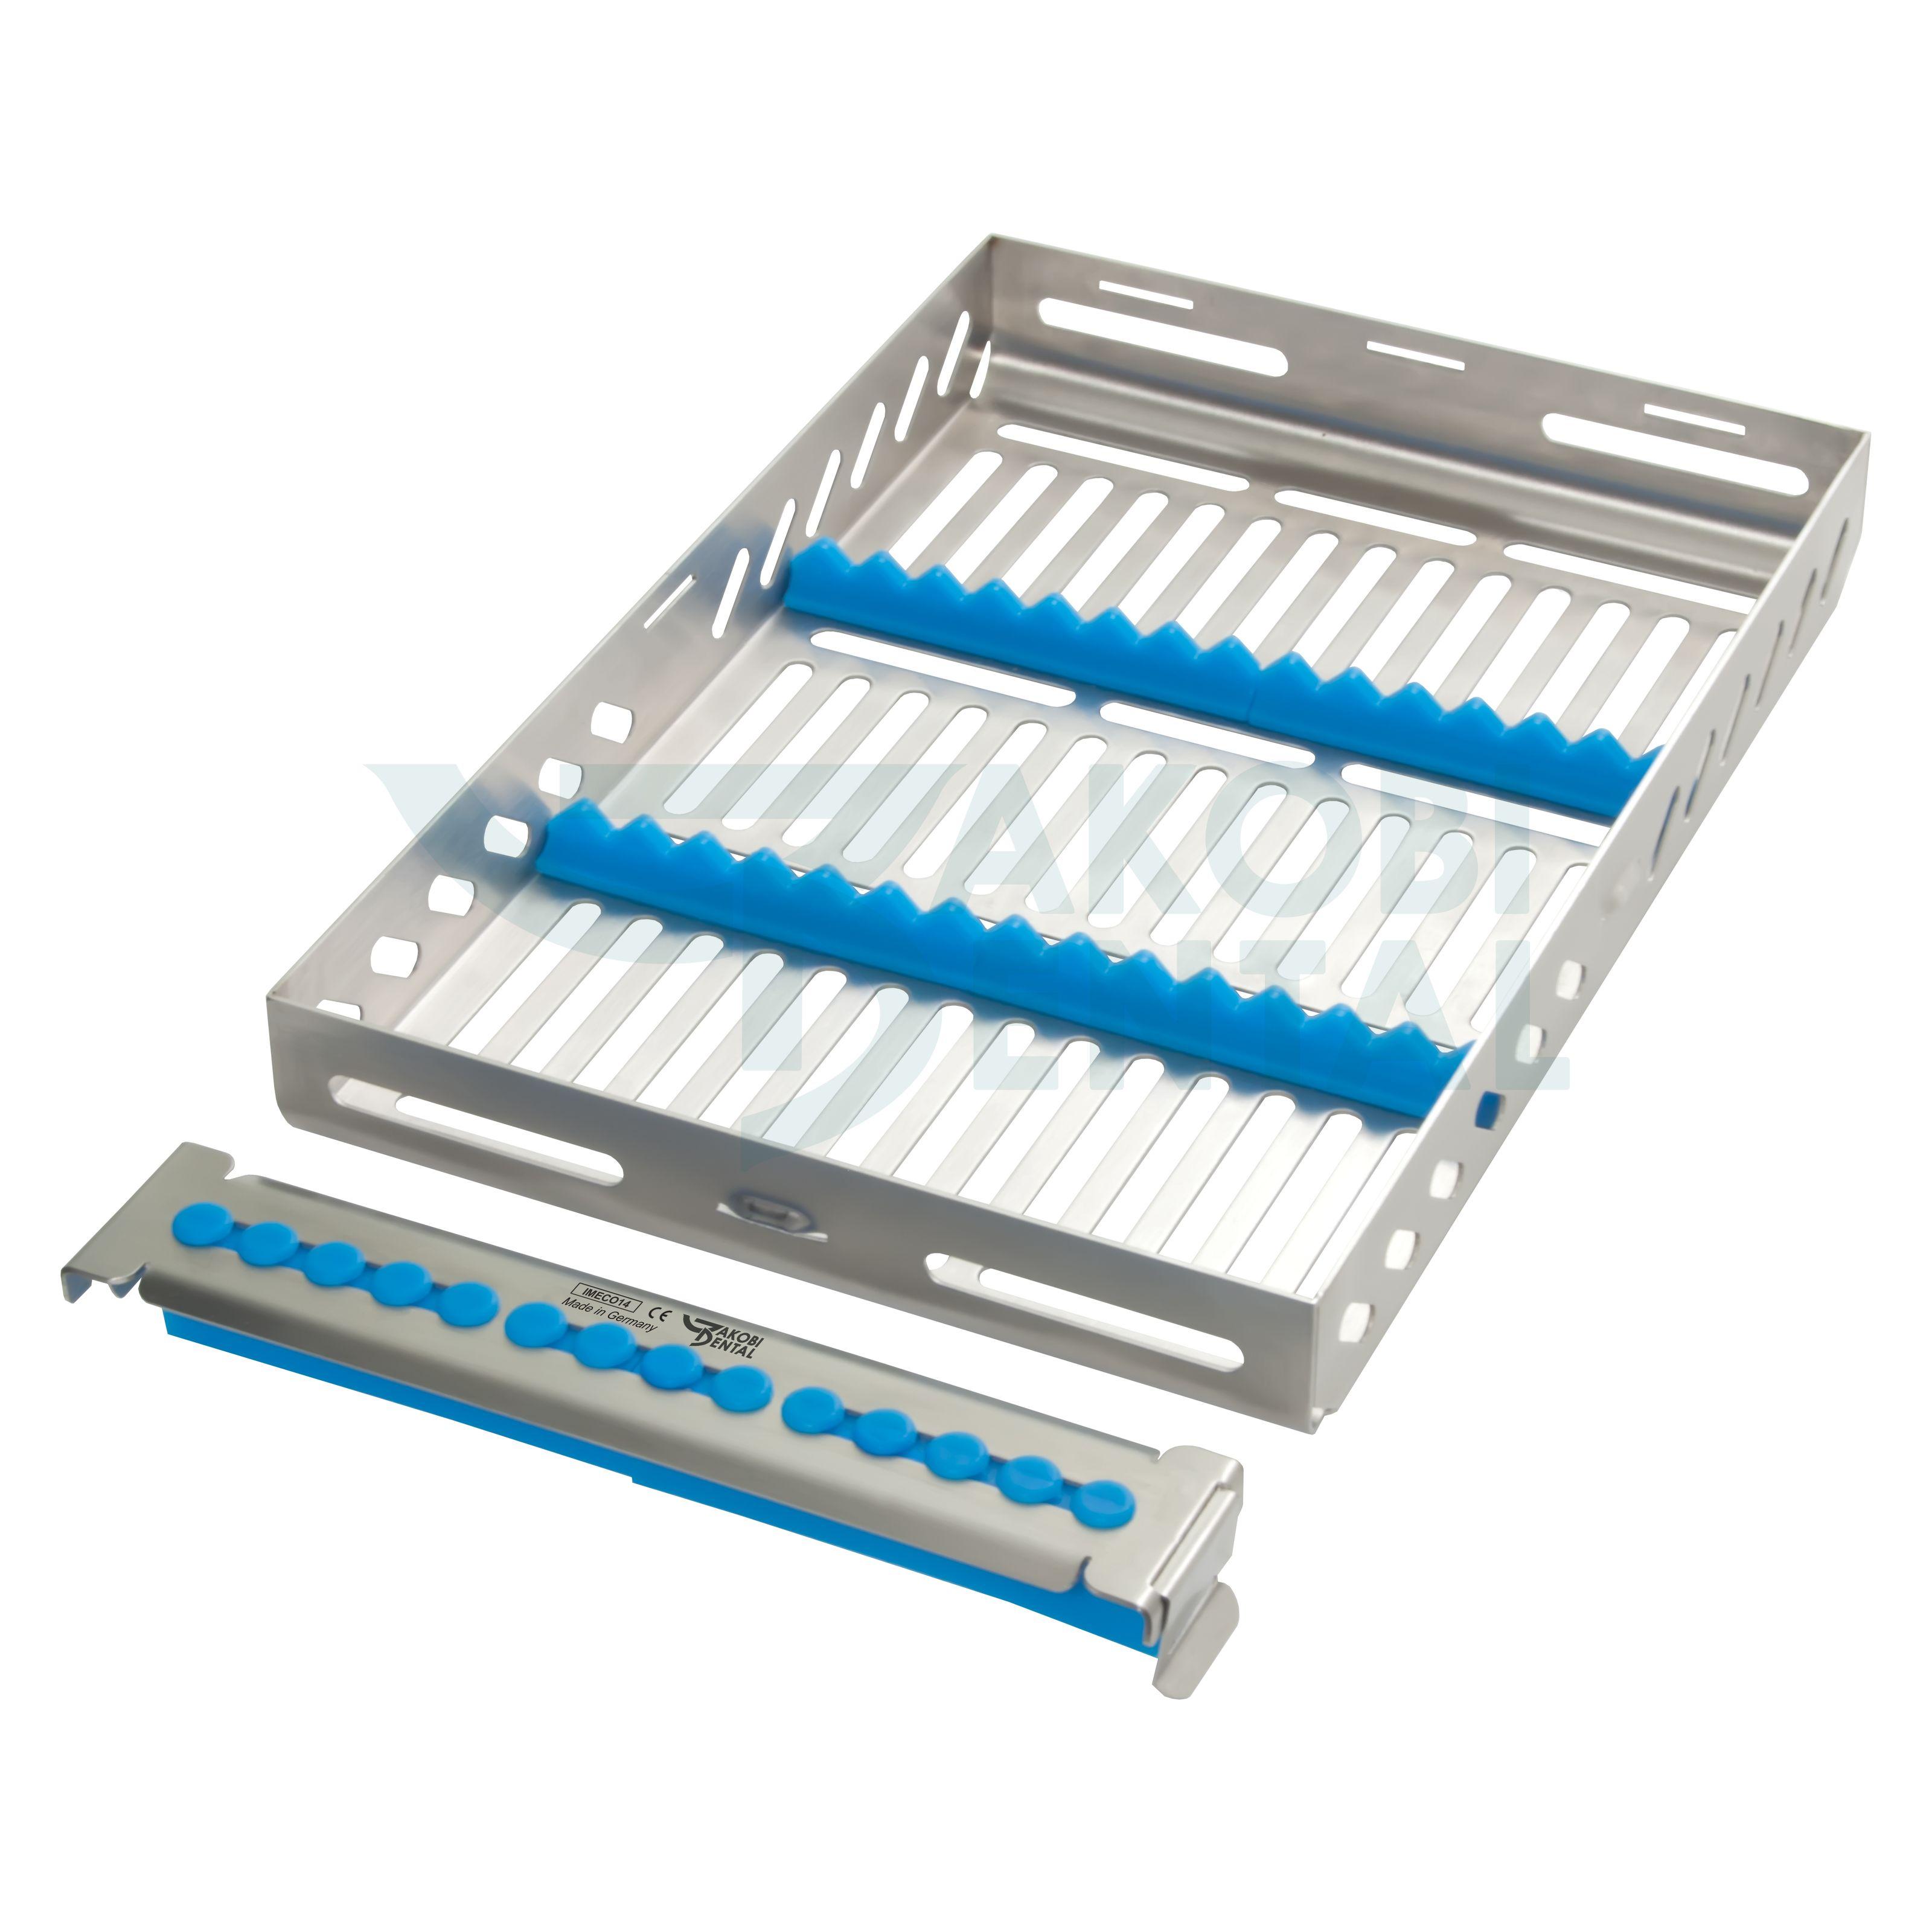 Economy Kassette / Waschtray für 14 längere Instr. - Farbe wählbar